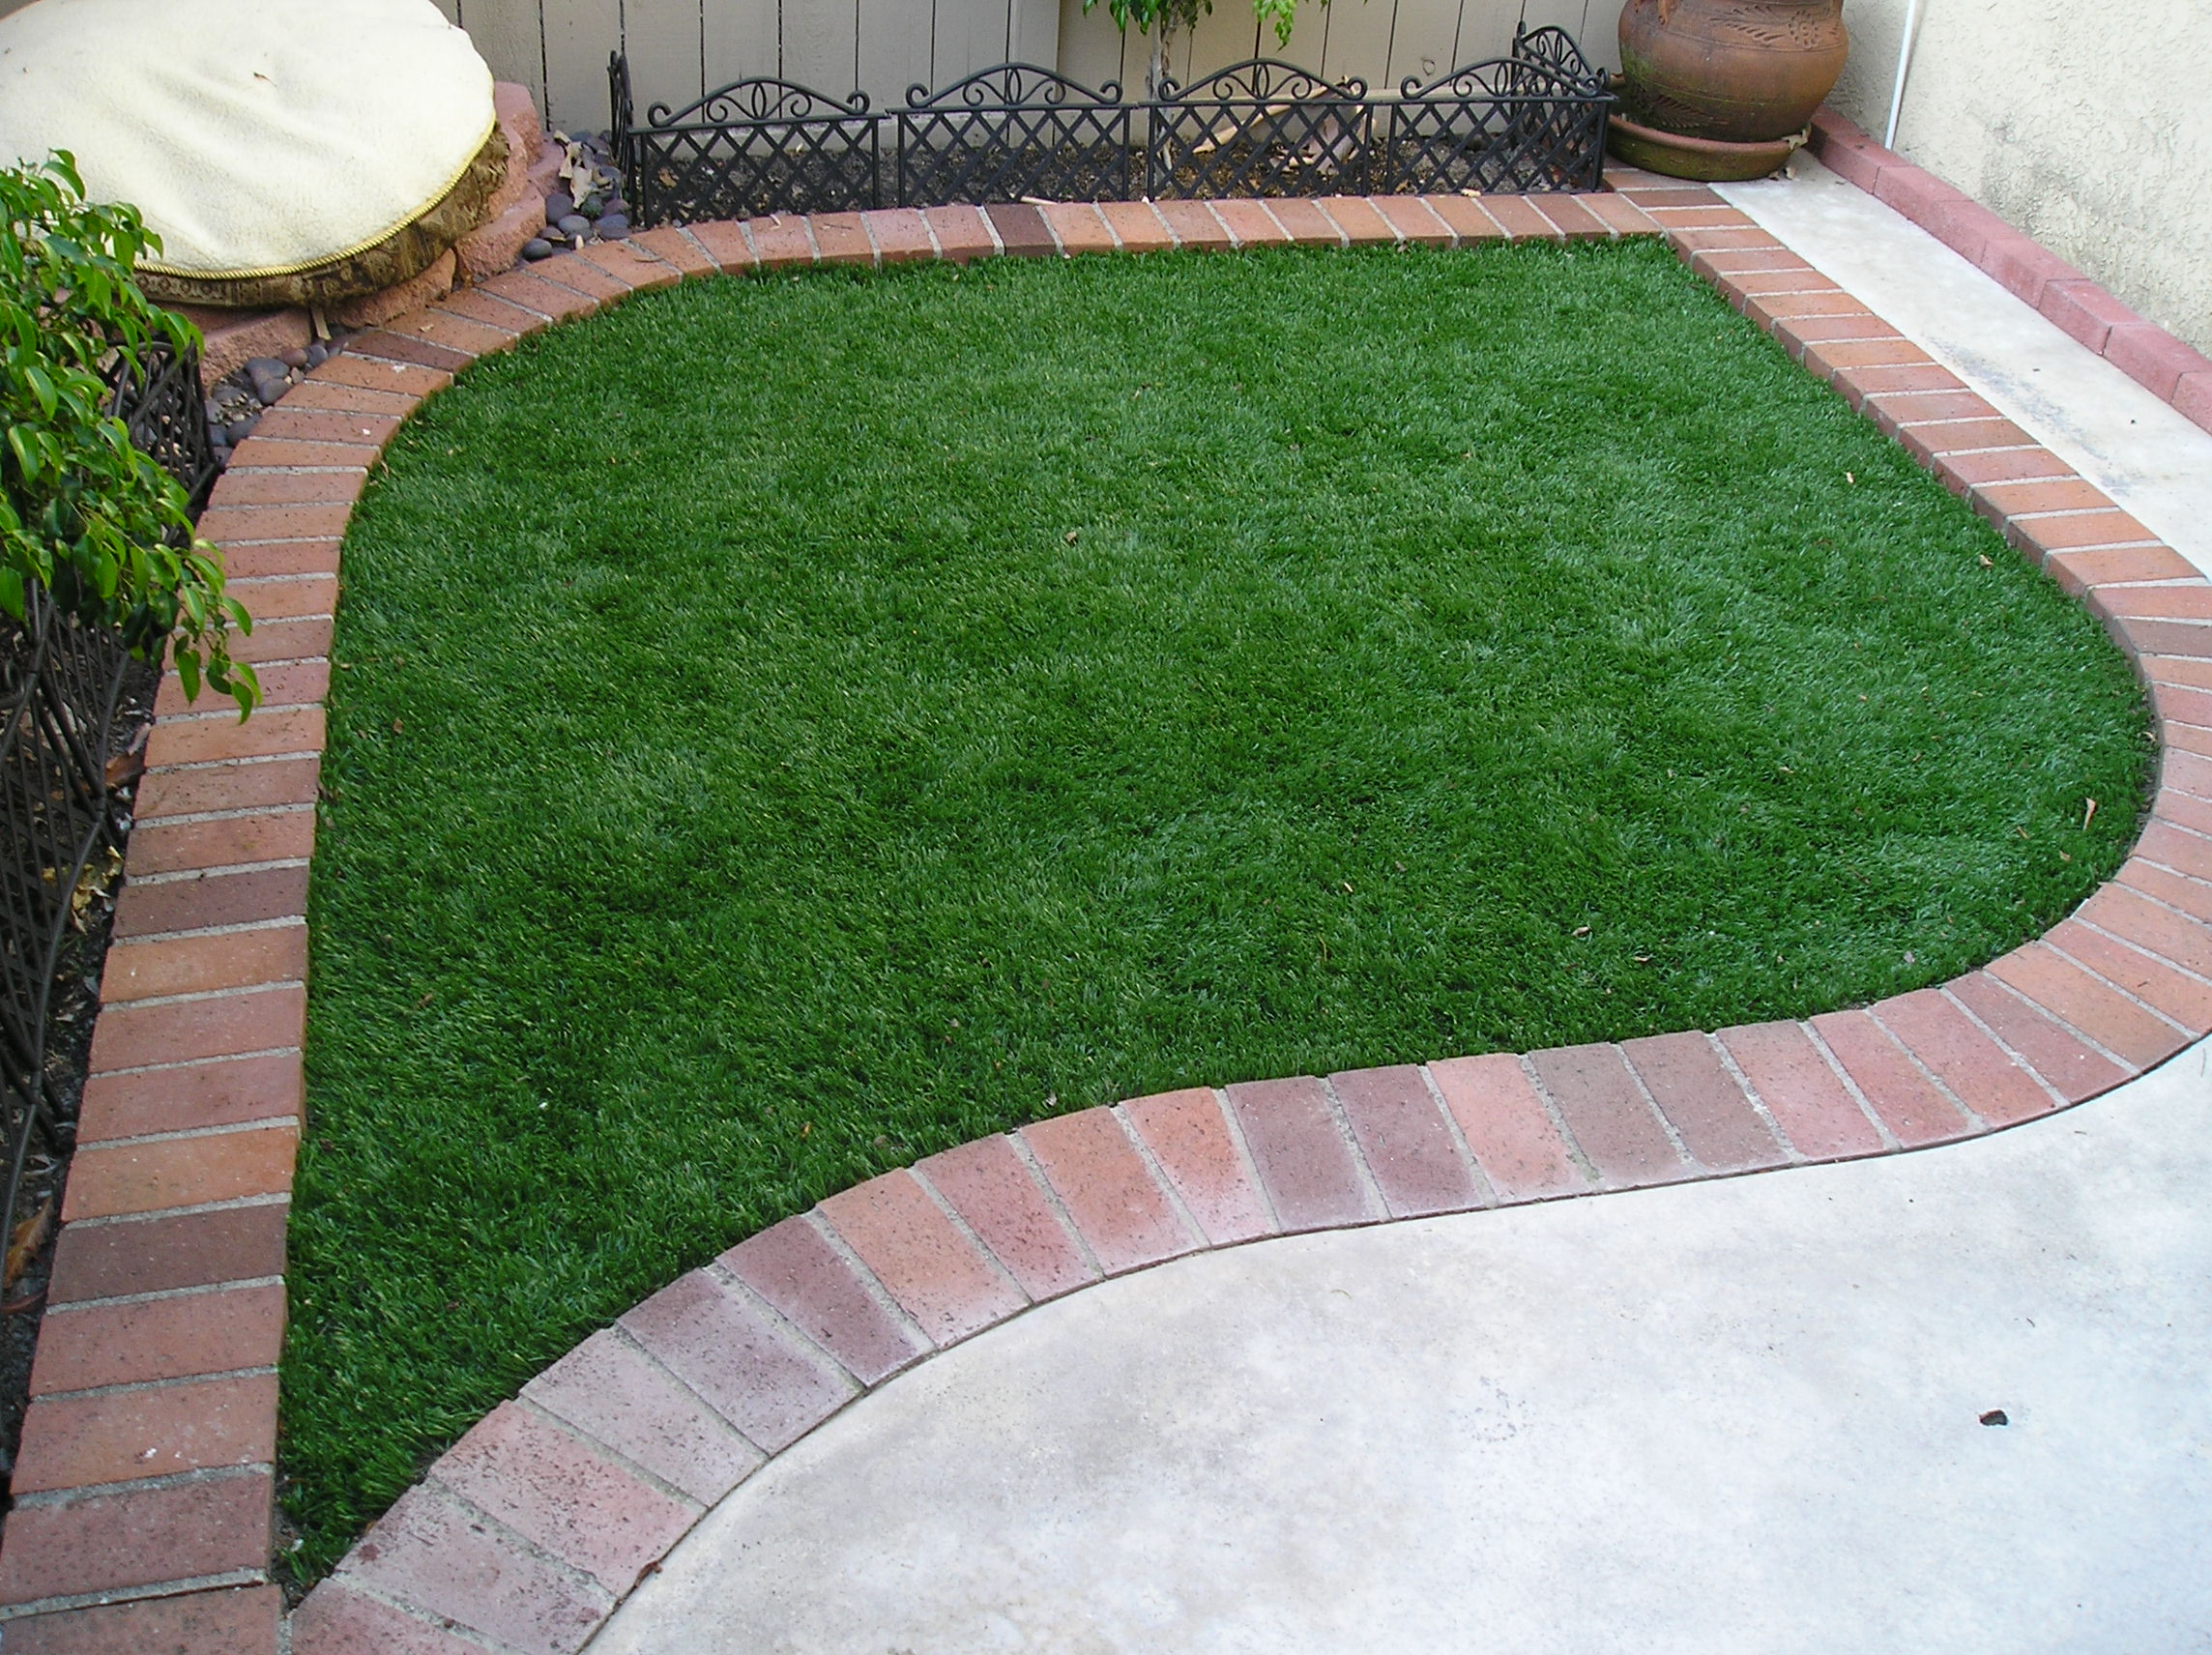 S Blade-90 best artificial grass,best fake grass,best synthetic grass,best turf,best artificial grass for home,artificial lawn,synthetic lawn,fake lawn,turf lawn,fake grass lawn